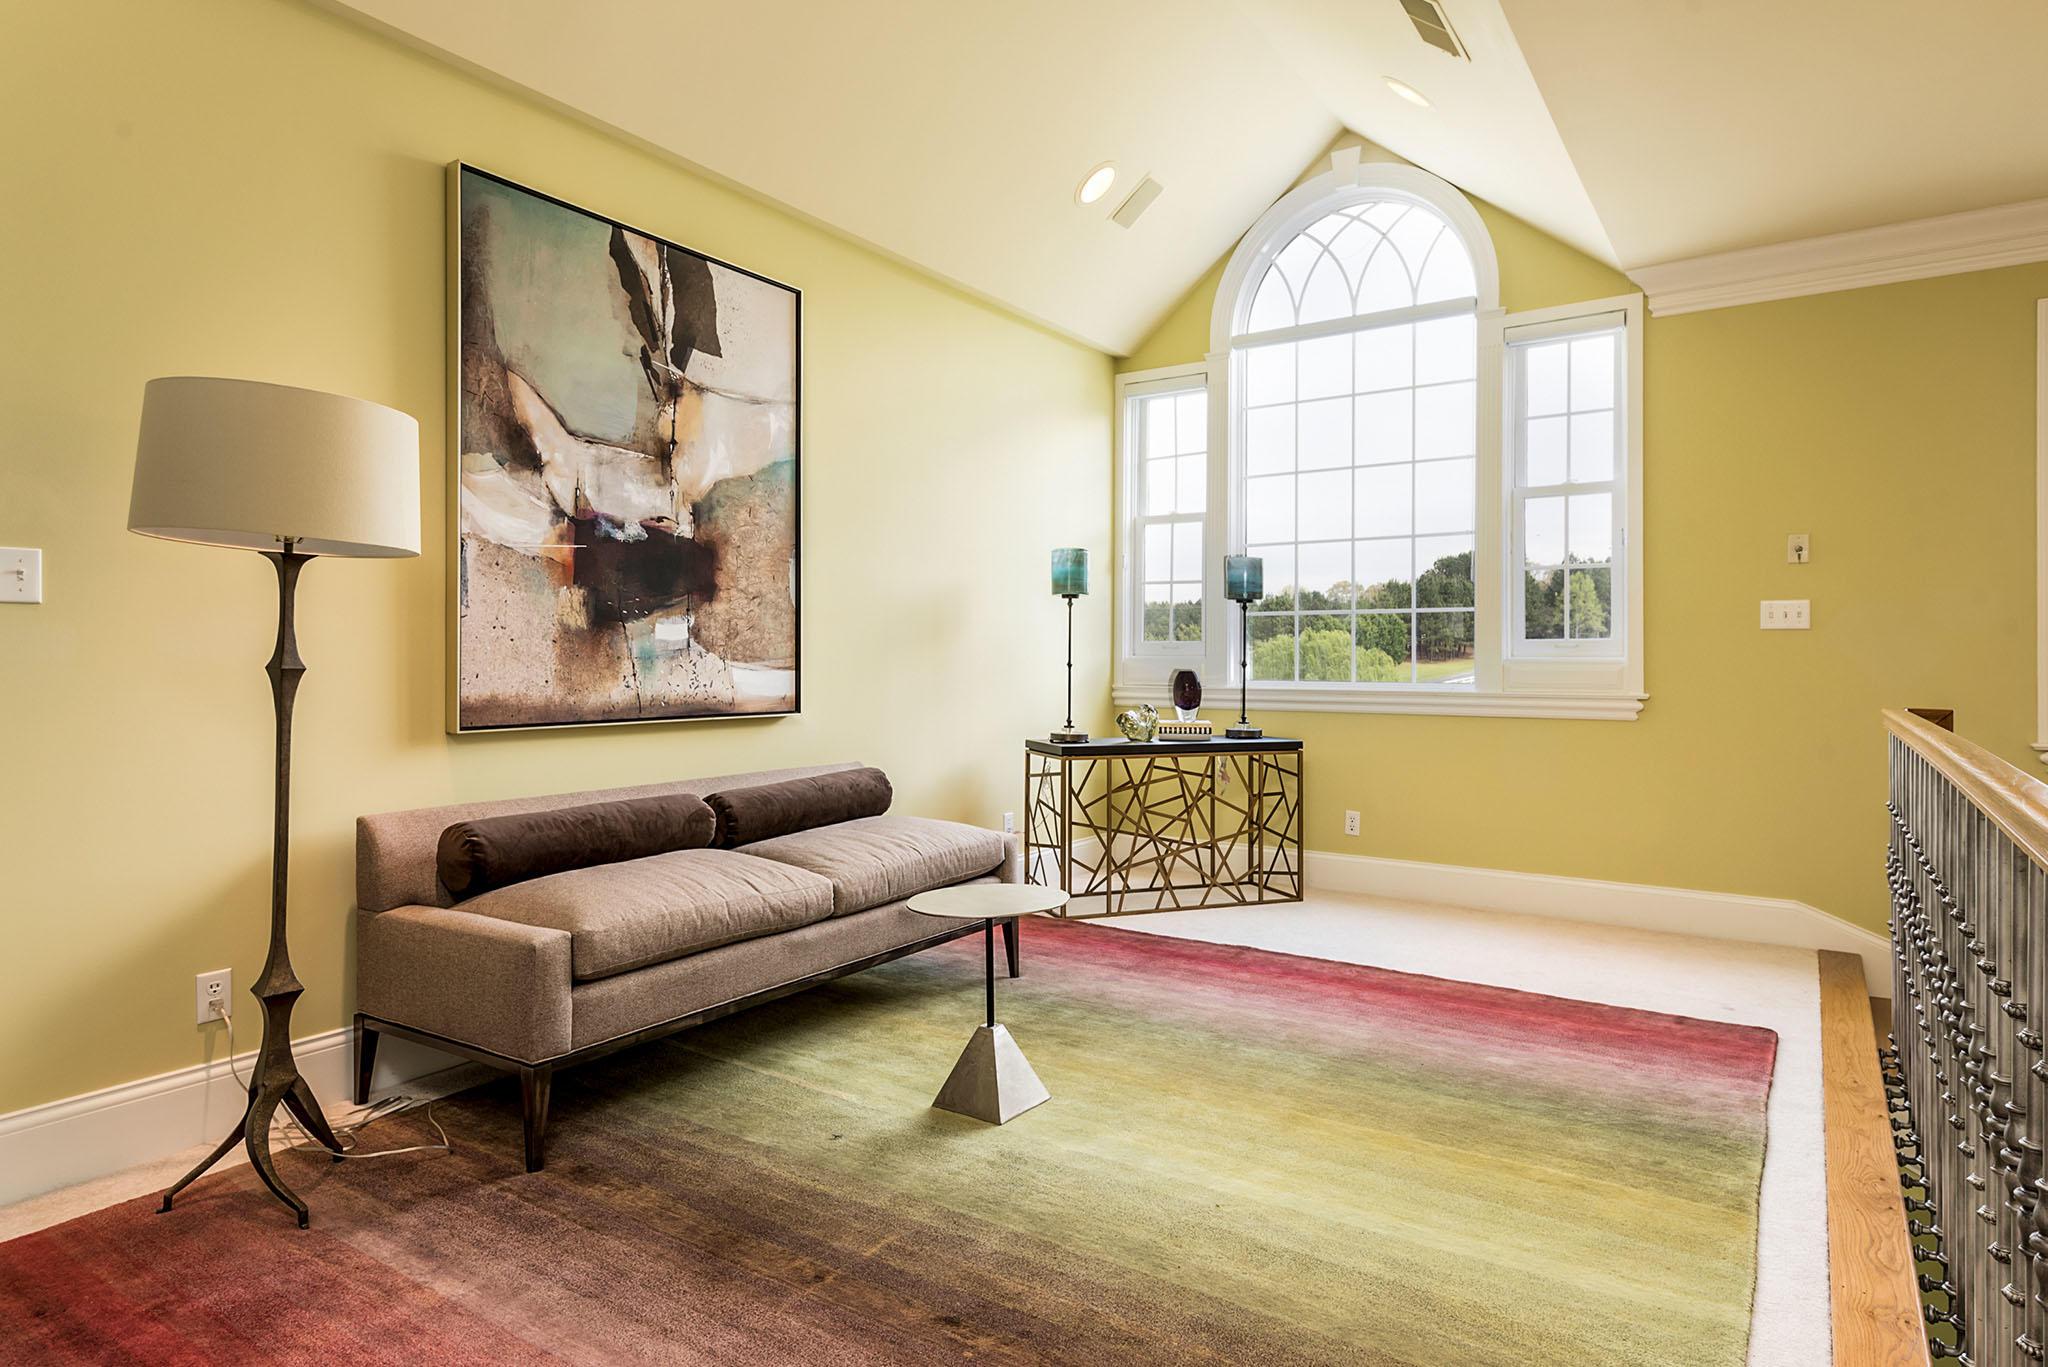 22000 Beals Chapel Rd: